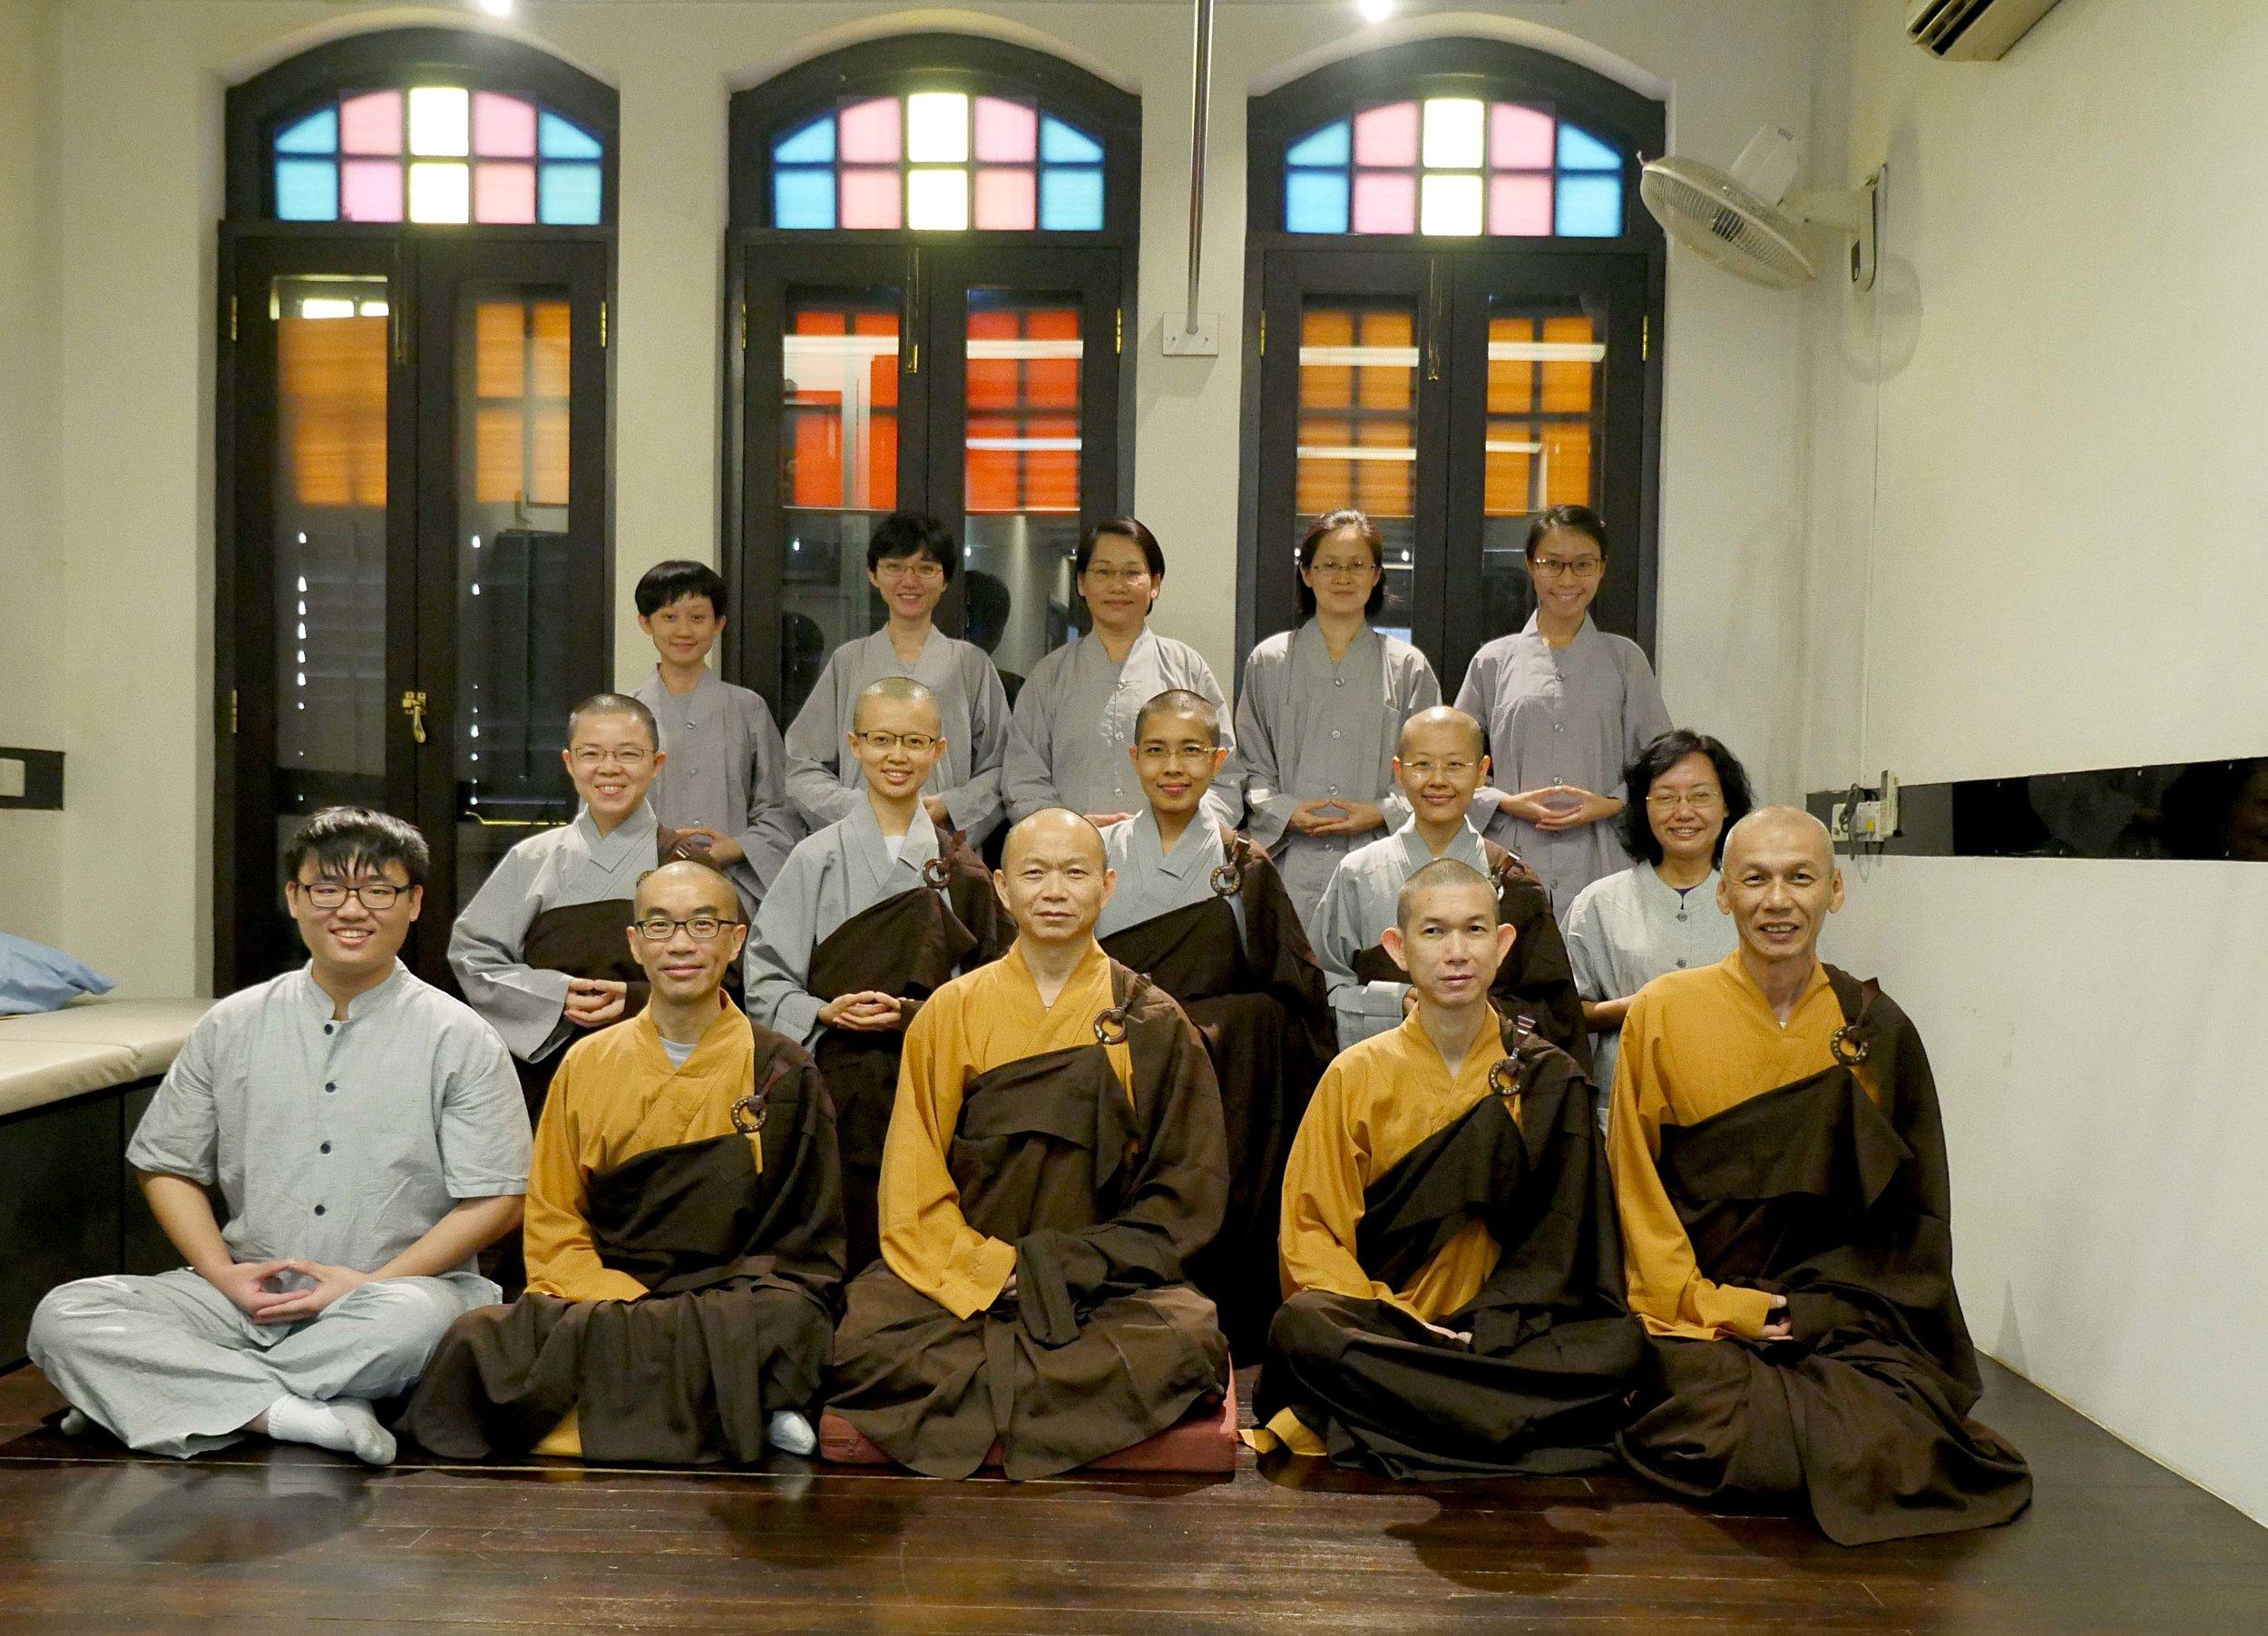 净远法师首次带领僧俗二众禅修          Venerable Jing Yuan conducted the very 1st meditation session for the Sangha and Laity